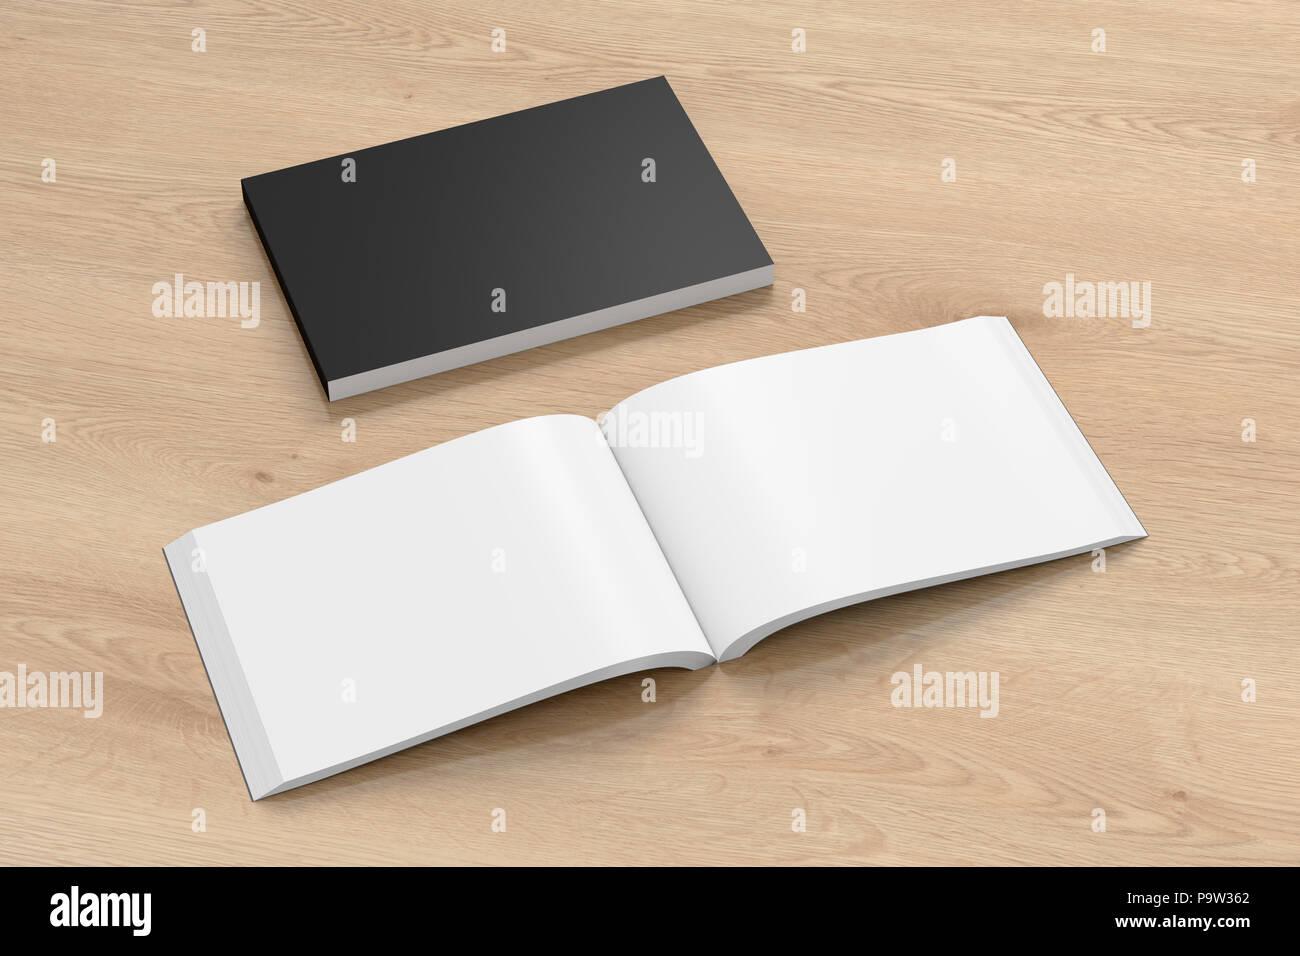 Paysage Vide Noir Livre Avec Couverture Souple Du Papier